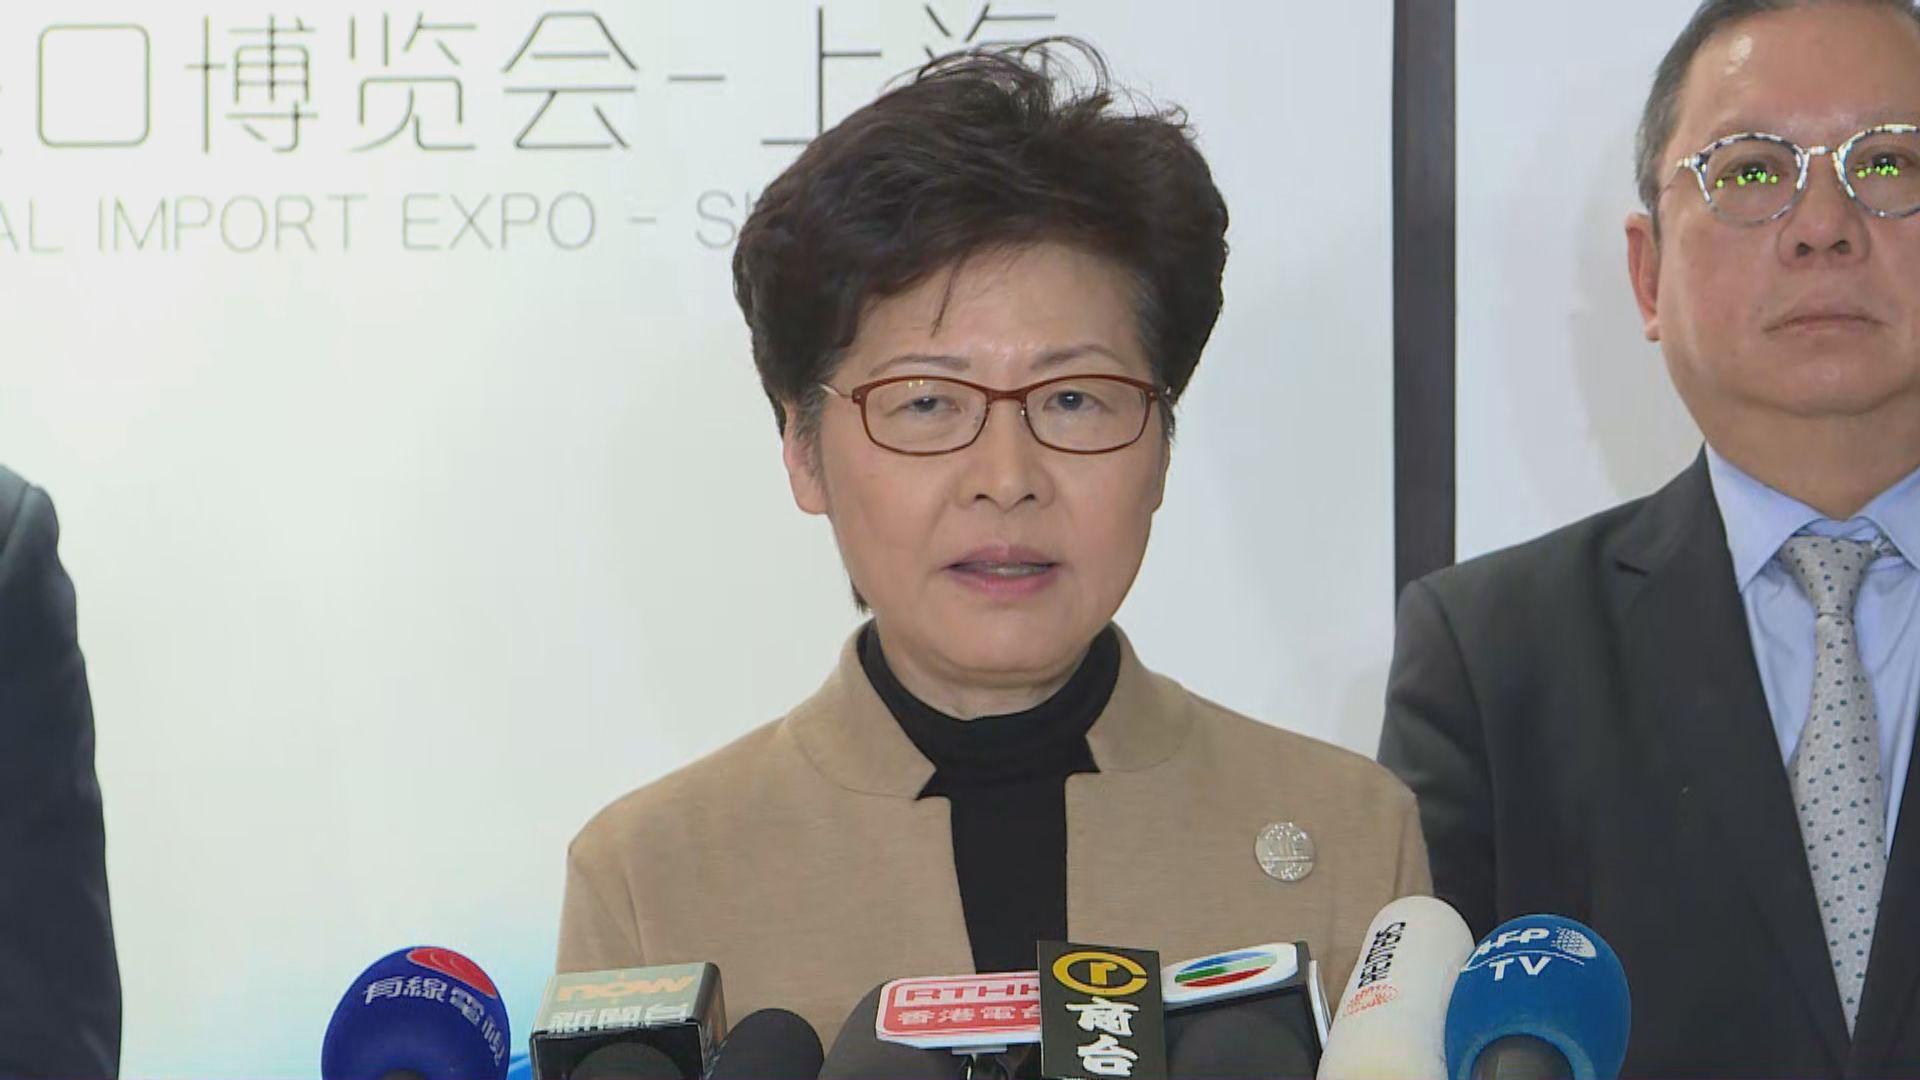 林鄭:深深感受到中央支持特區政府遏止暴力